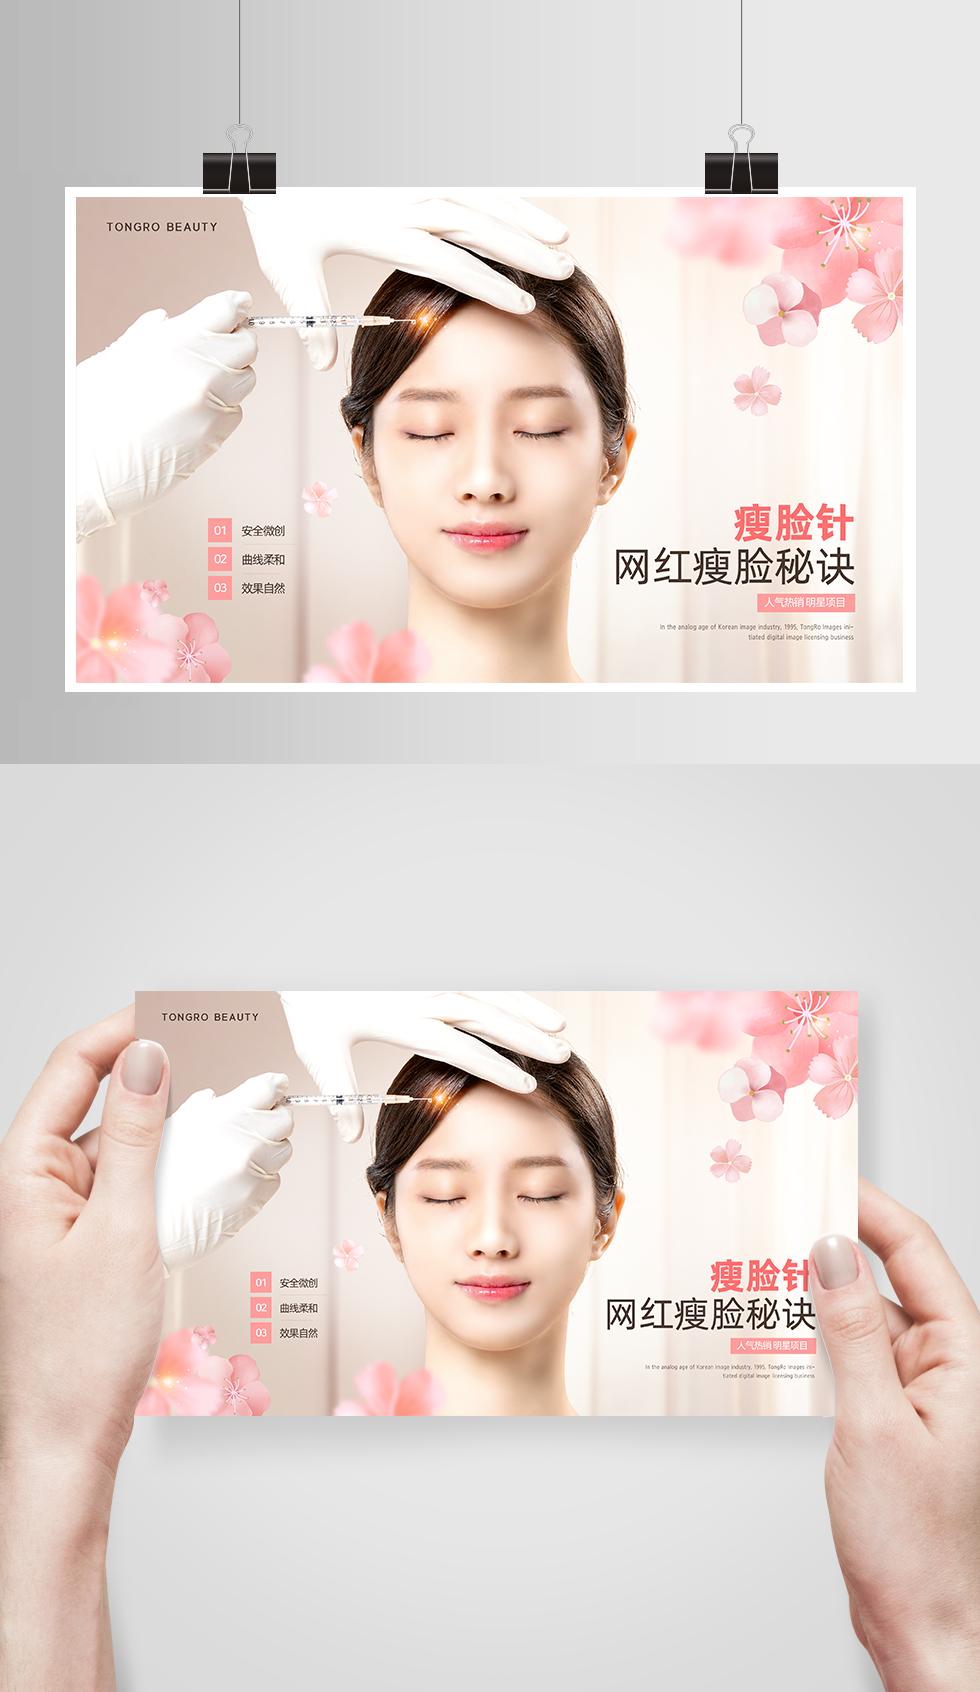 创意整形美容V脸瘦脸针微创整形医院海报